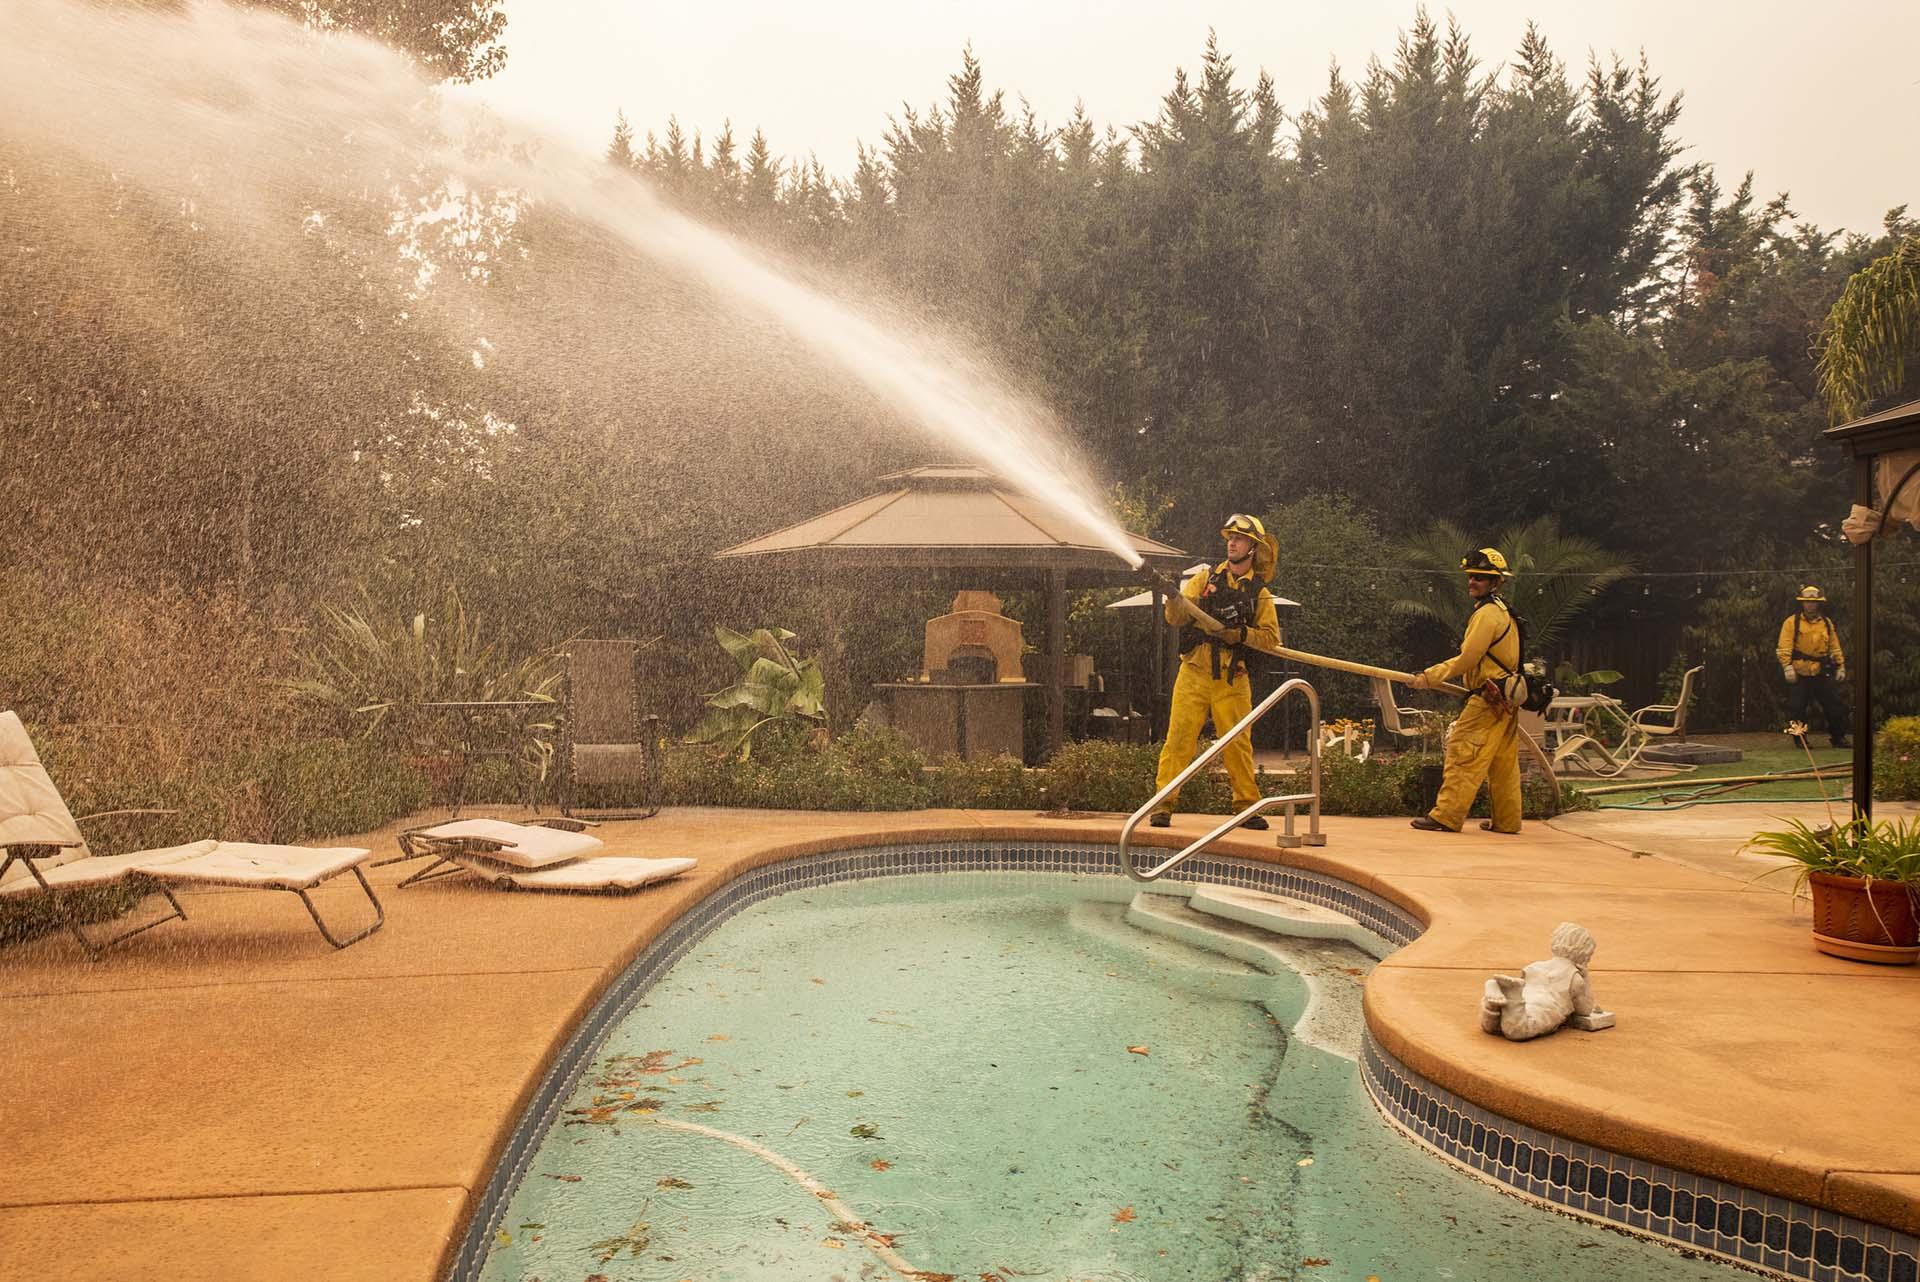 Los bomberos rocían agua en una fogata en una casa durante el incendio de Kincade en Vinecrest Road en Windsor, California, el domingo 27 de octubre de 2019